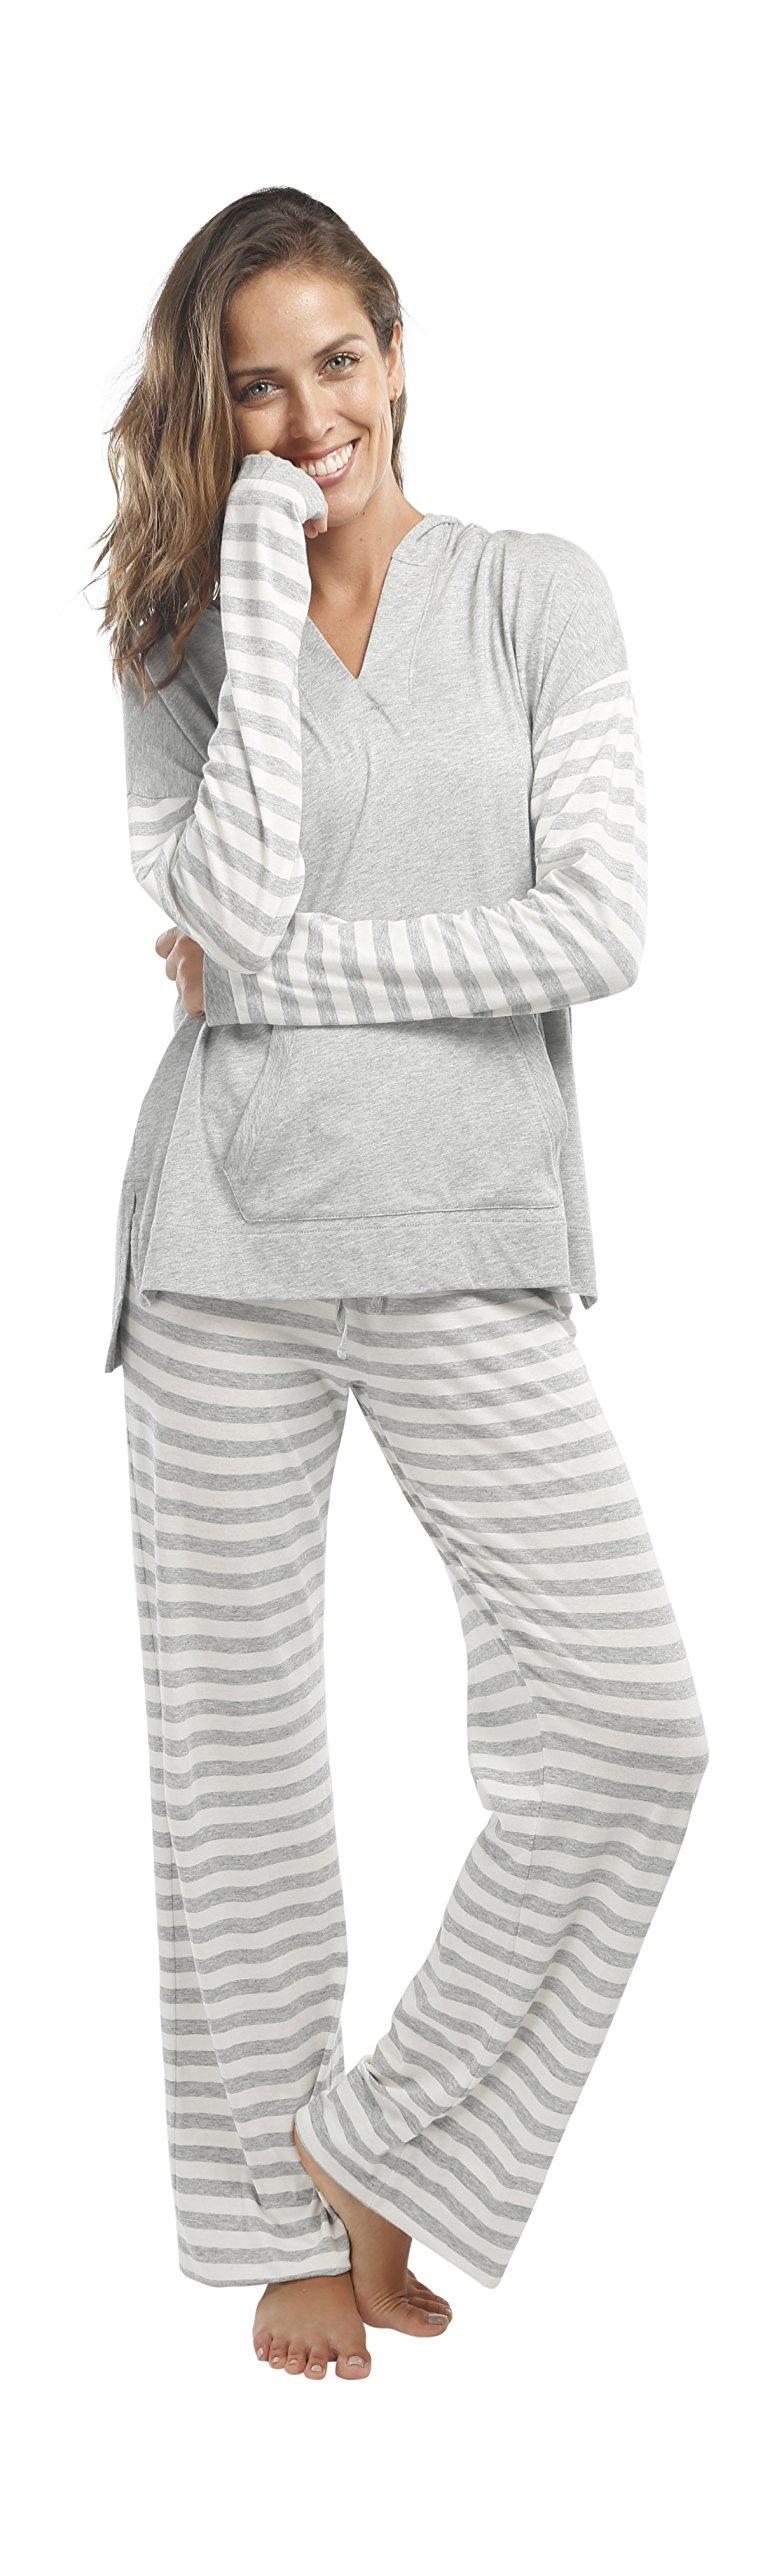 jijamas Incredibly Soft Pima Cotton Women's Pajama Set ''The Hoodie Set'' In Heather Grey by jijamas (Image #8)